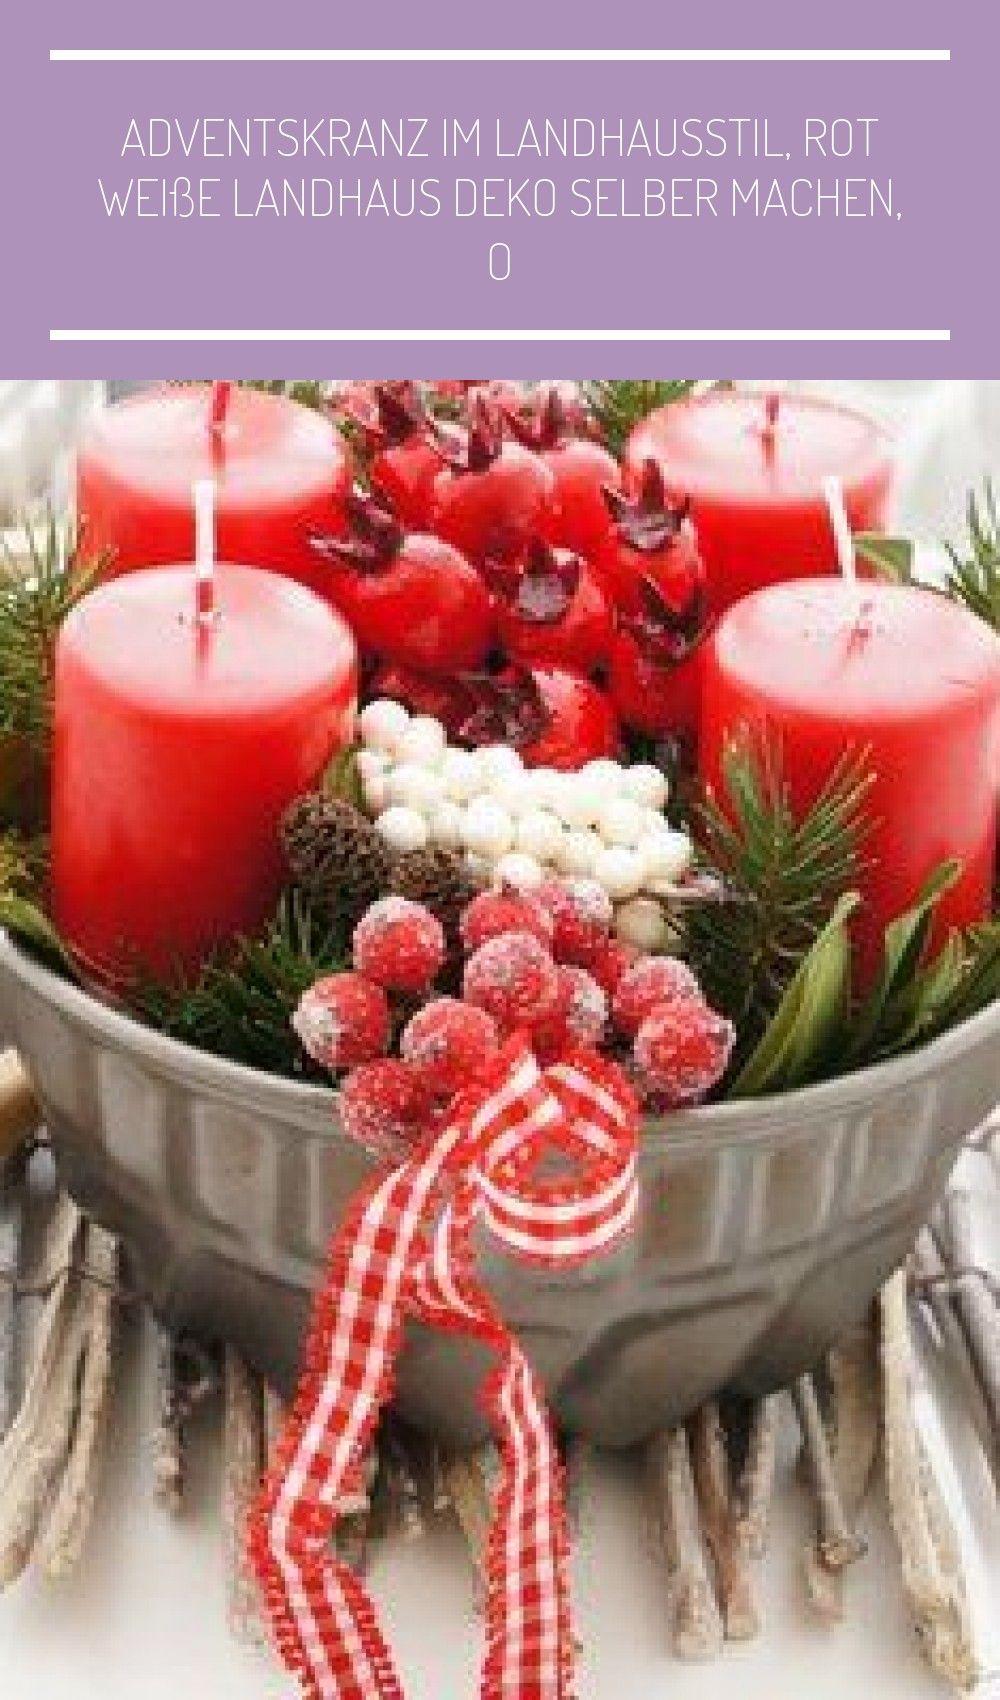 Adventskranz im Landhausstil, rot weiße Landhaus Deko selber machen, originell und schick. #rustikale weihnachten tischdeko Adventskranz im Landhausstil, rot weiße Landhaus Deko selber machen, o #rustikaleweihnachtentischdeko